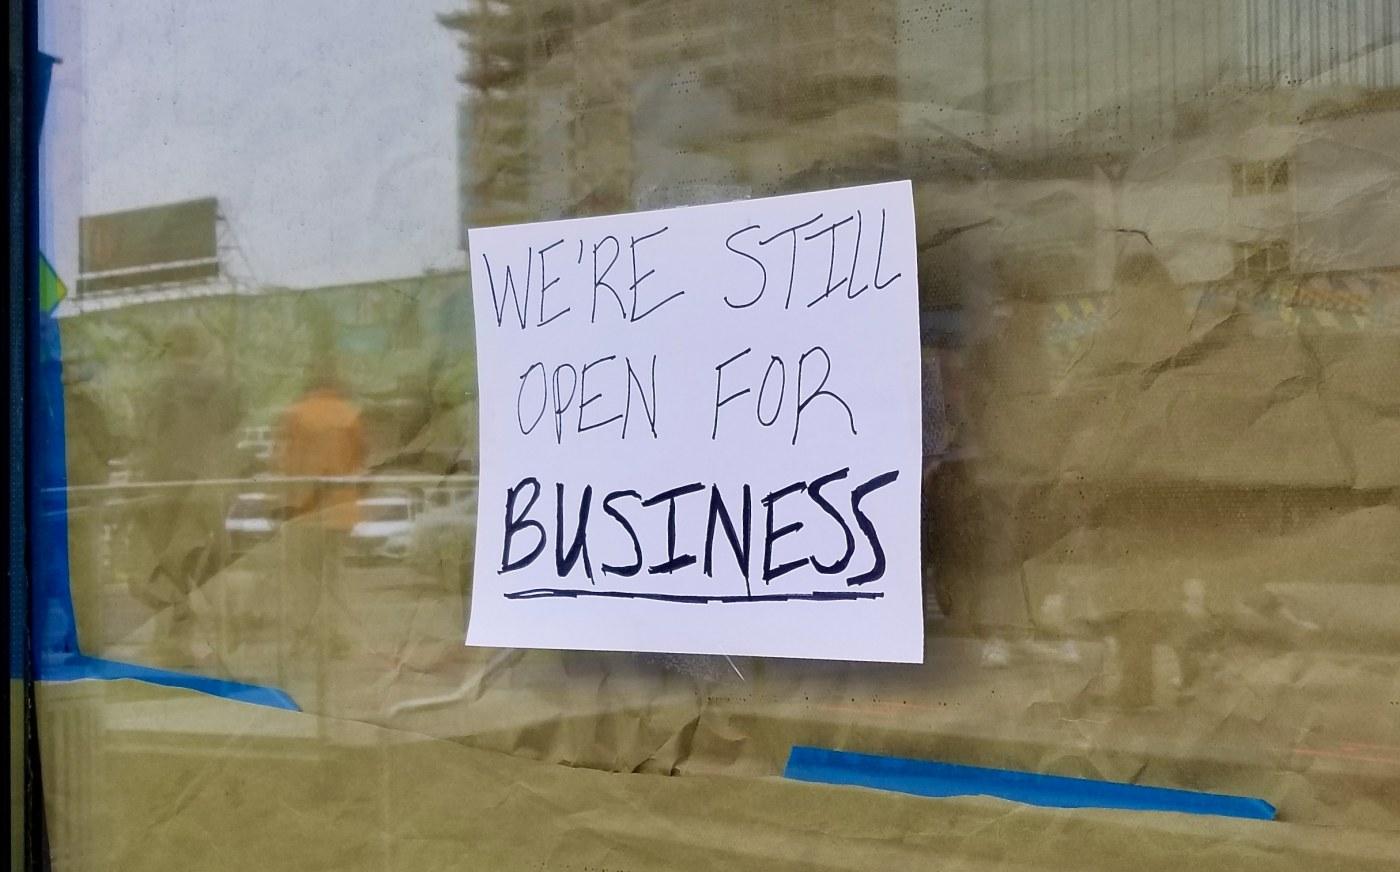 Coronavirus Business Shutdown